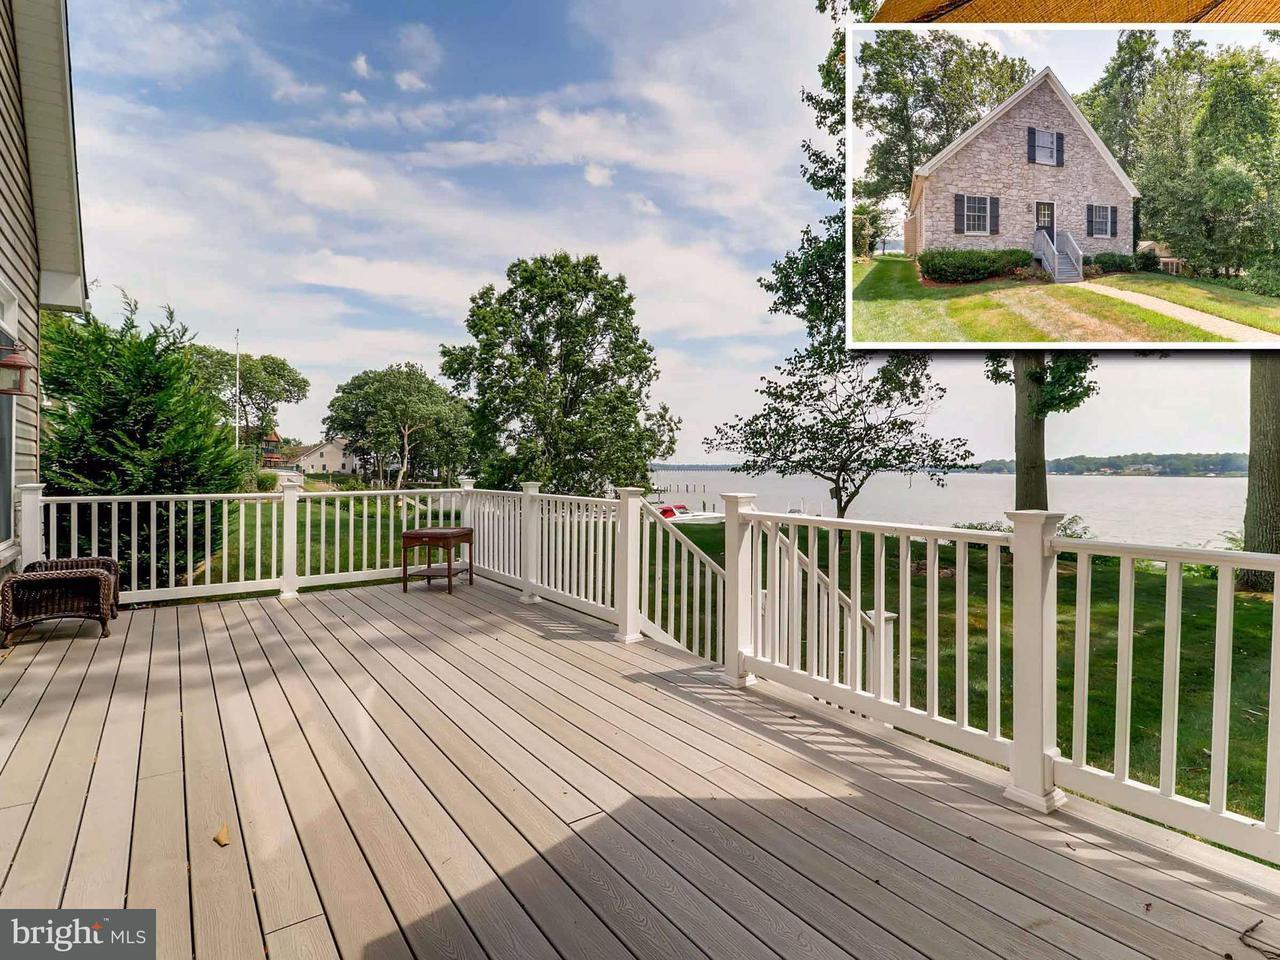 Einfamilienhaus für Verkauf beim 710 BAKER AVE W 710 BAKER AVE W Abingdon, Maryland 21009 Vereinigte Staaten